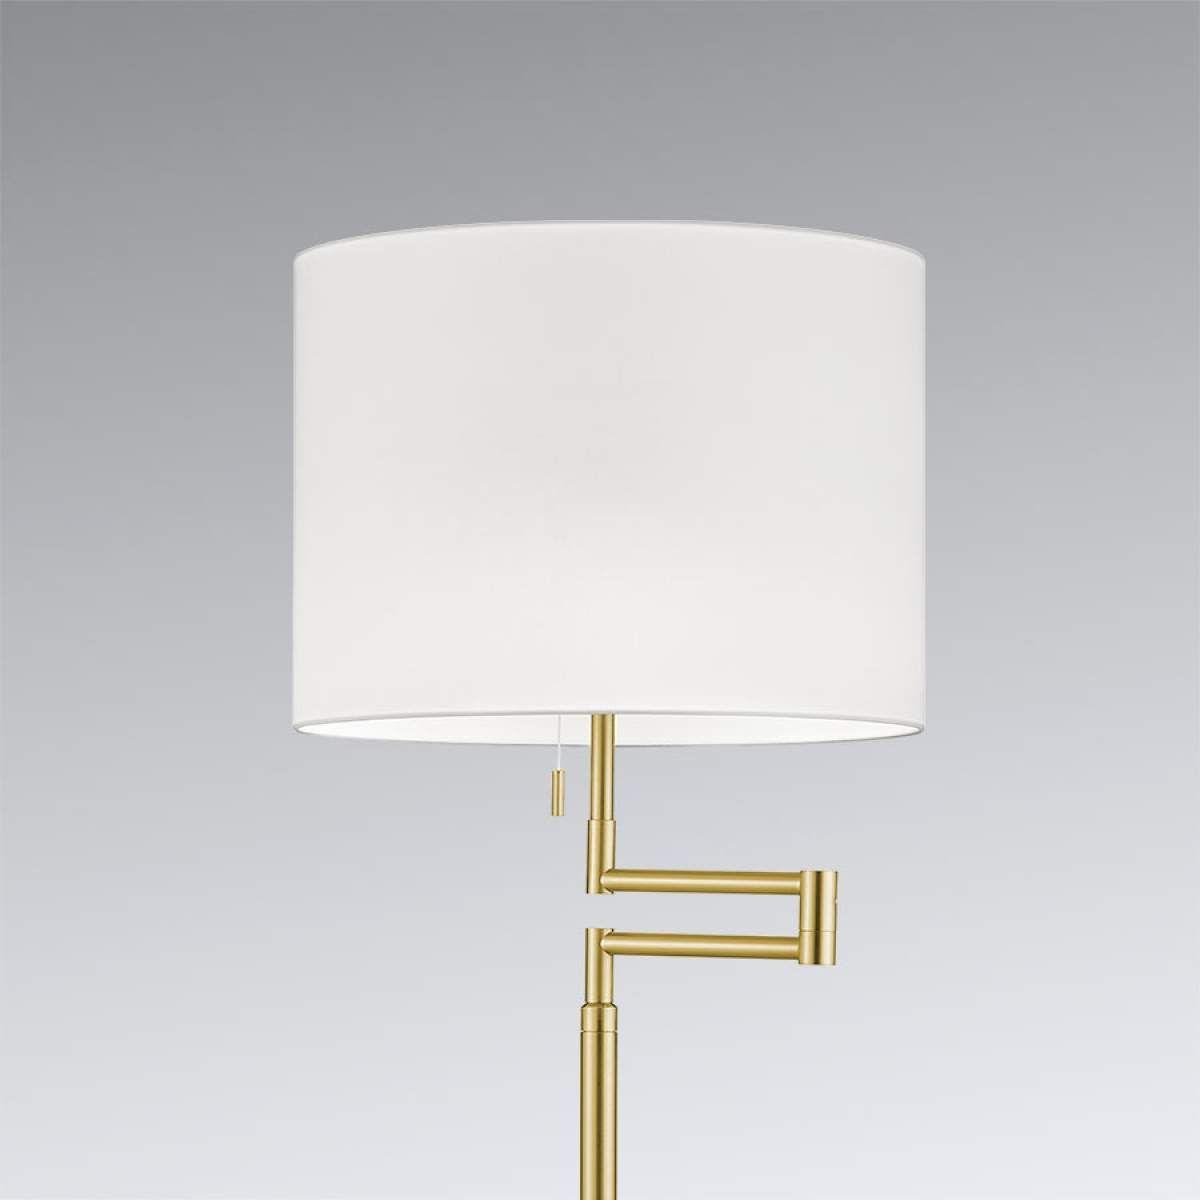 Moderne Stehlampe Lilian Von Knapstein Gold Led Stehleuchte